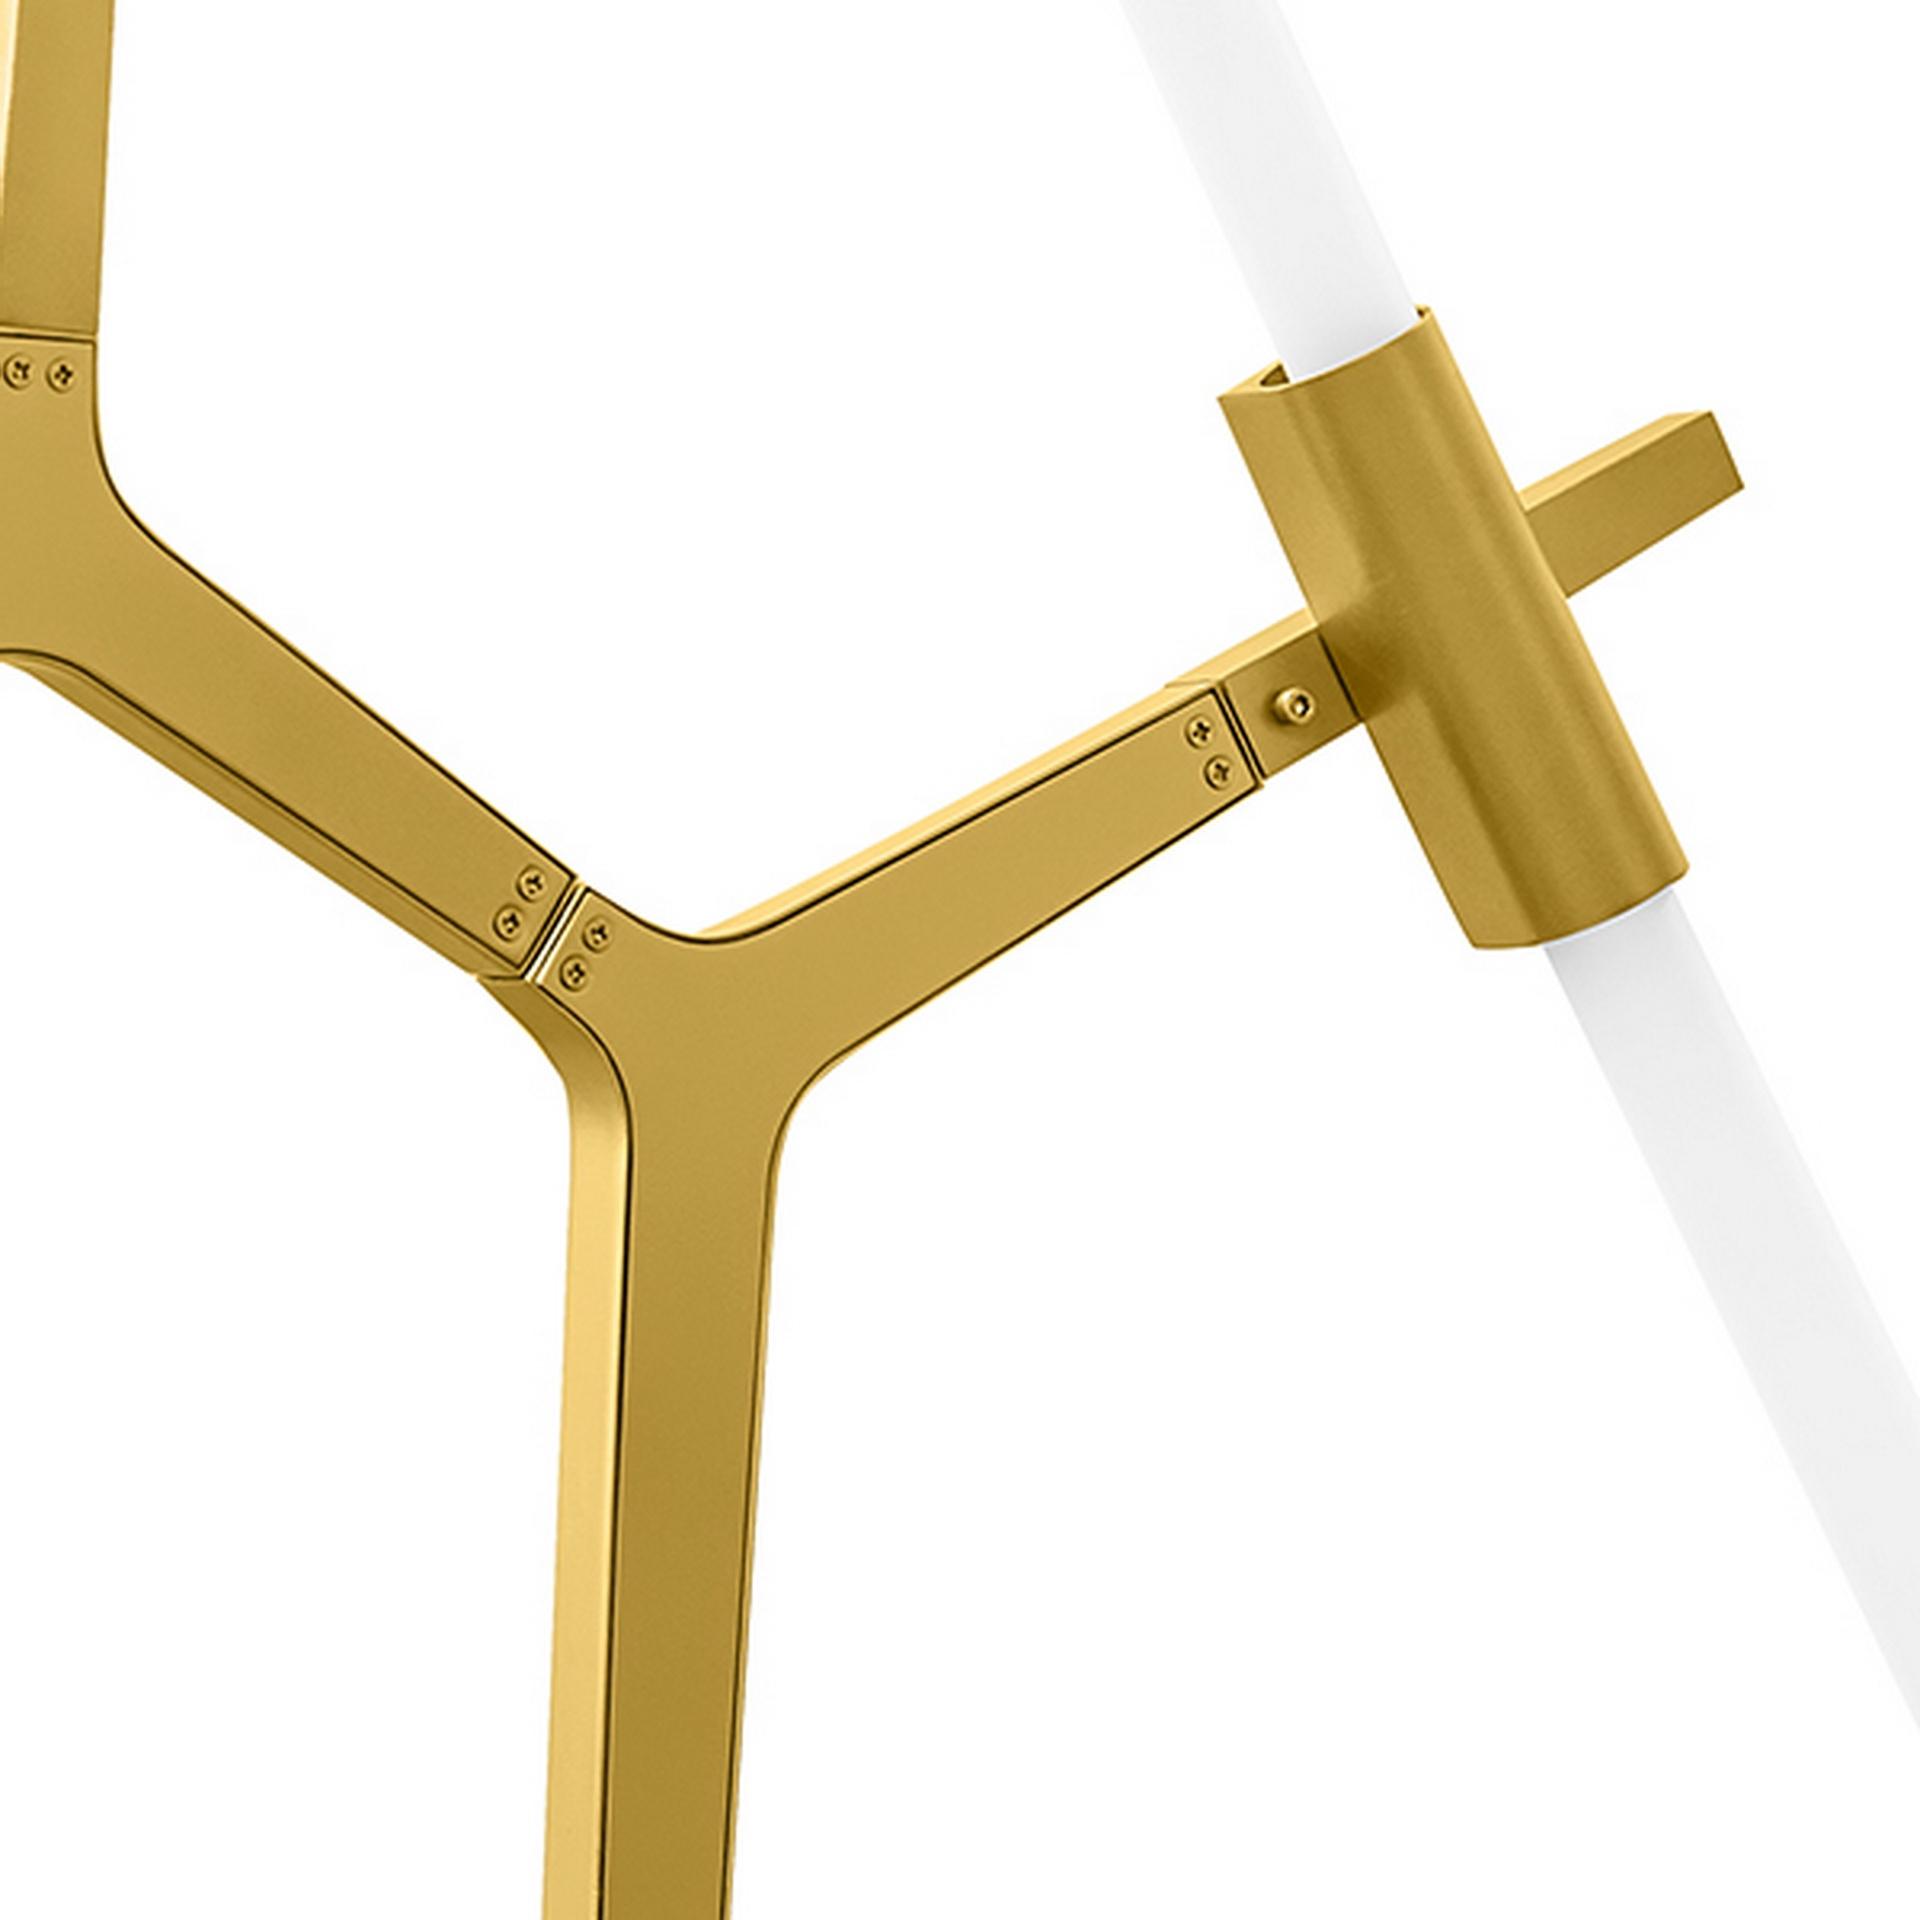 Подвесная люстра STRUTTURA LightStar 742063 цвет - матовое золото, купить в СПб, Москве, с доставкой, Санкт-Петербург, интернет-магазин люстр и светильников Starlight, фото в жизни